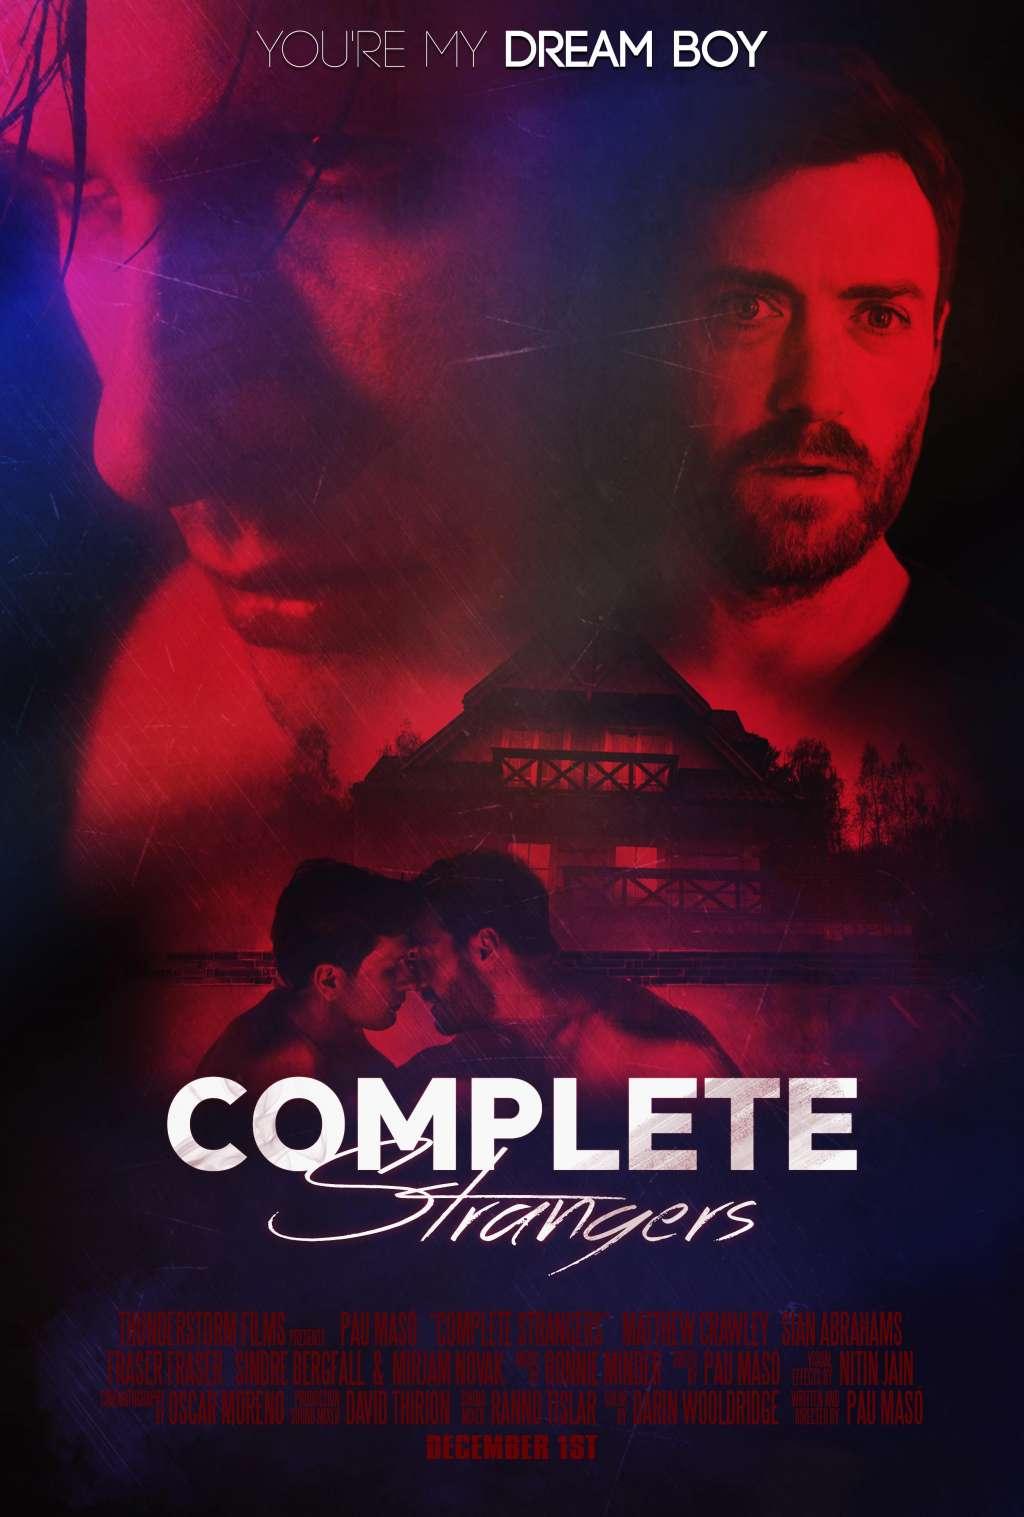 Complete Strangers kapak